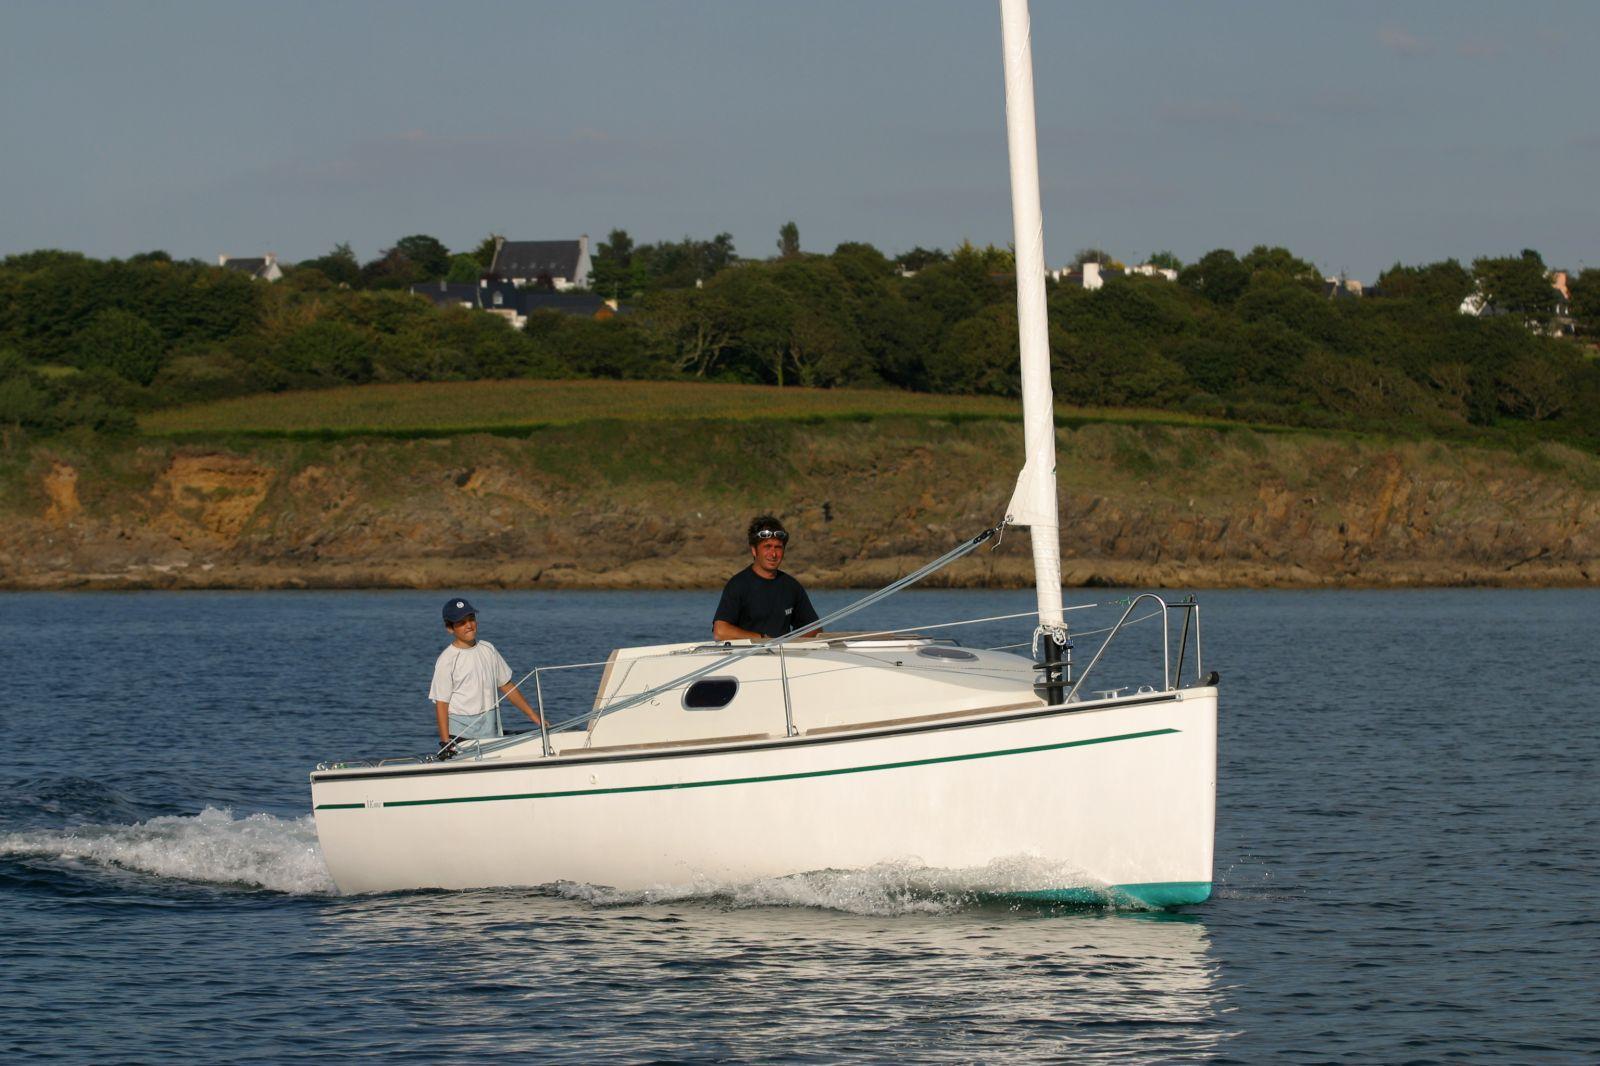 bateau peche promenade voile et moteur